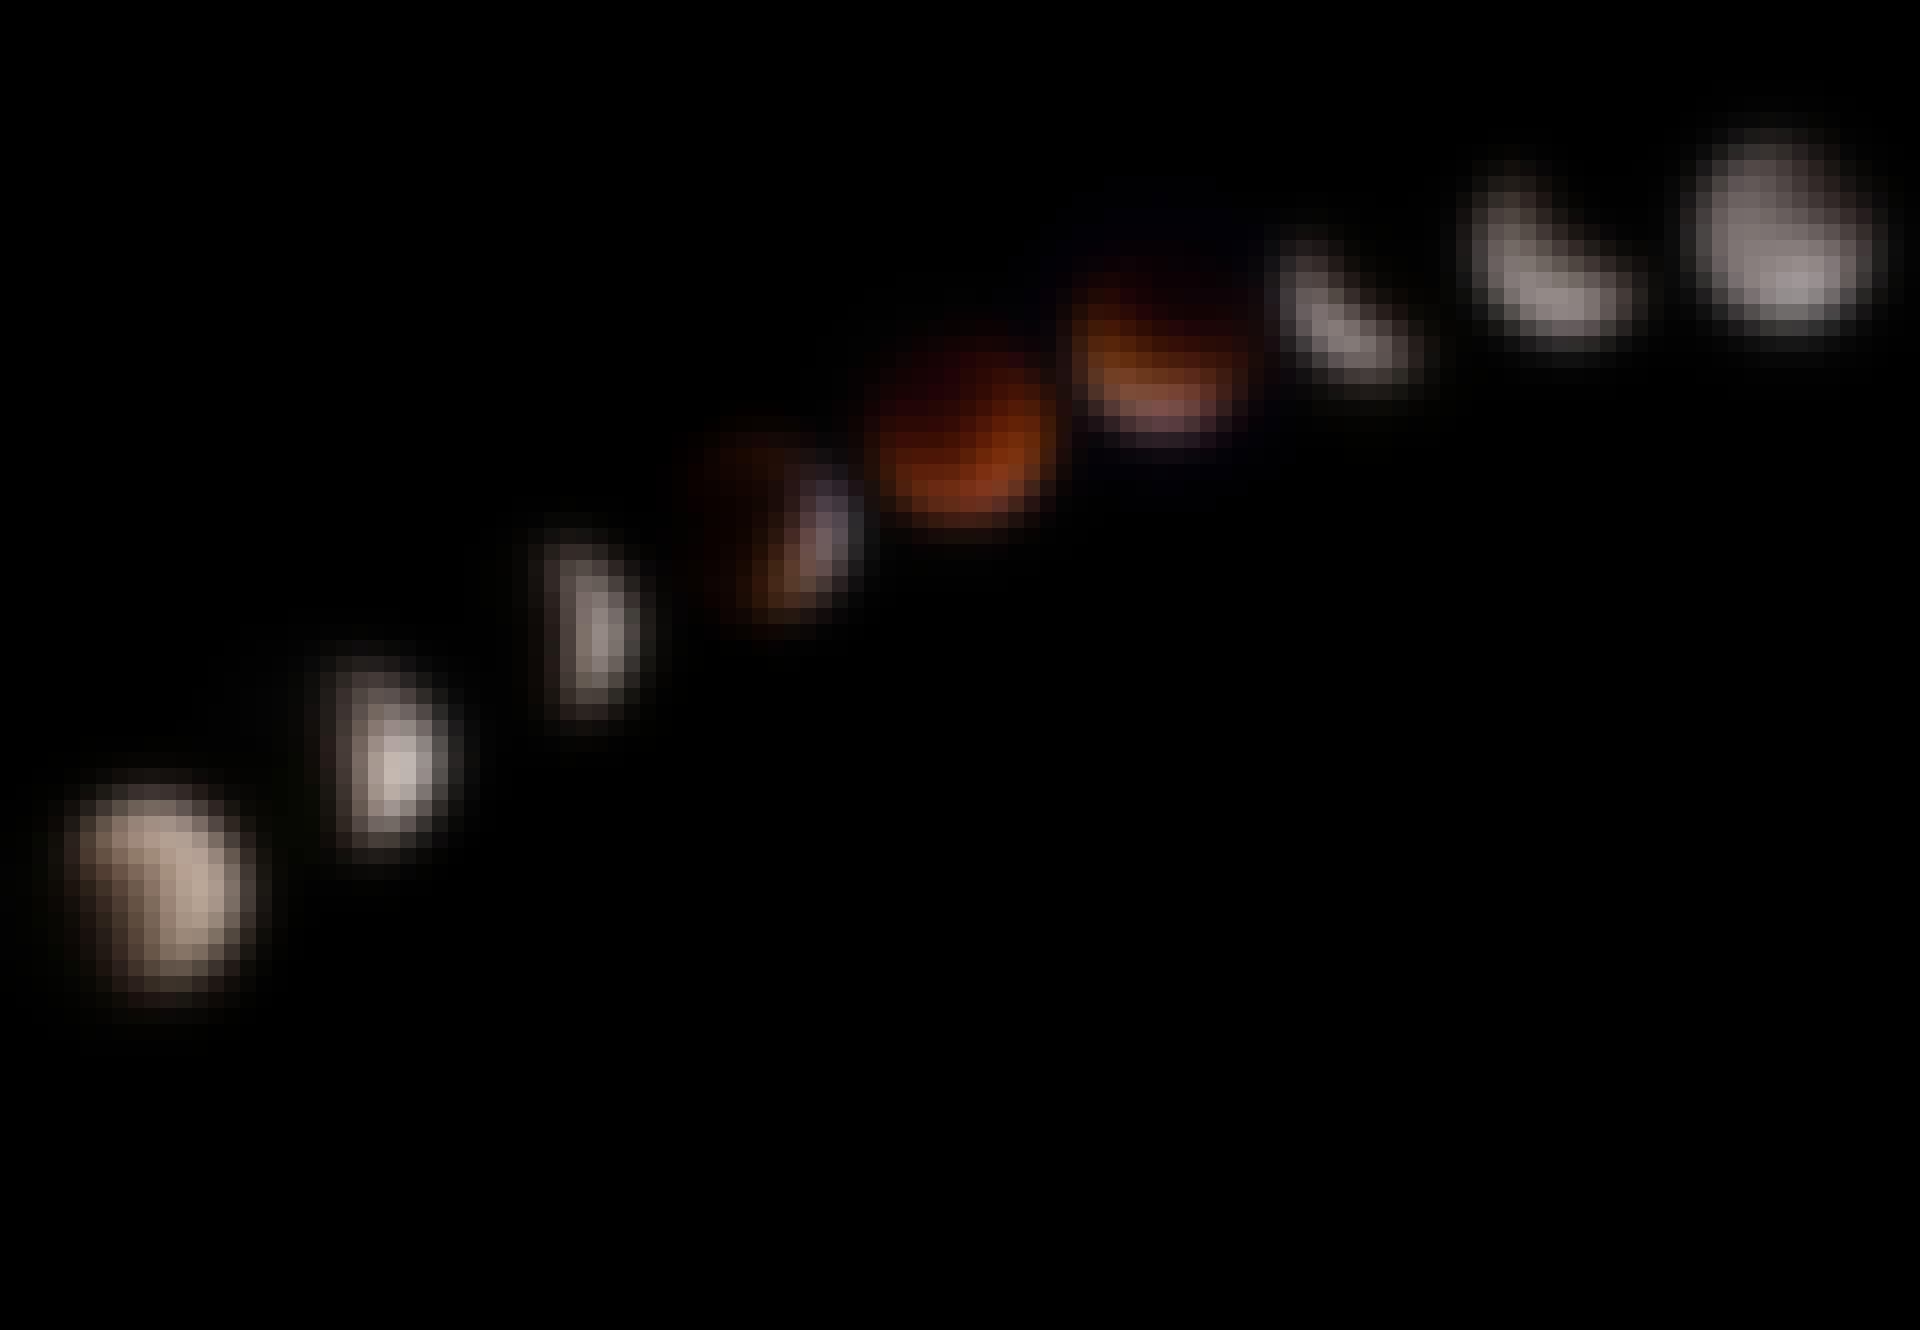 Een totale maansverduistering veroorzaakt een bloedmaan.